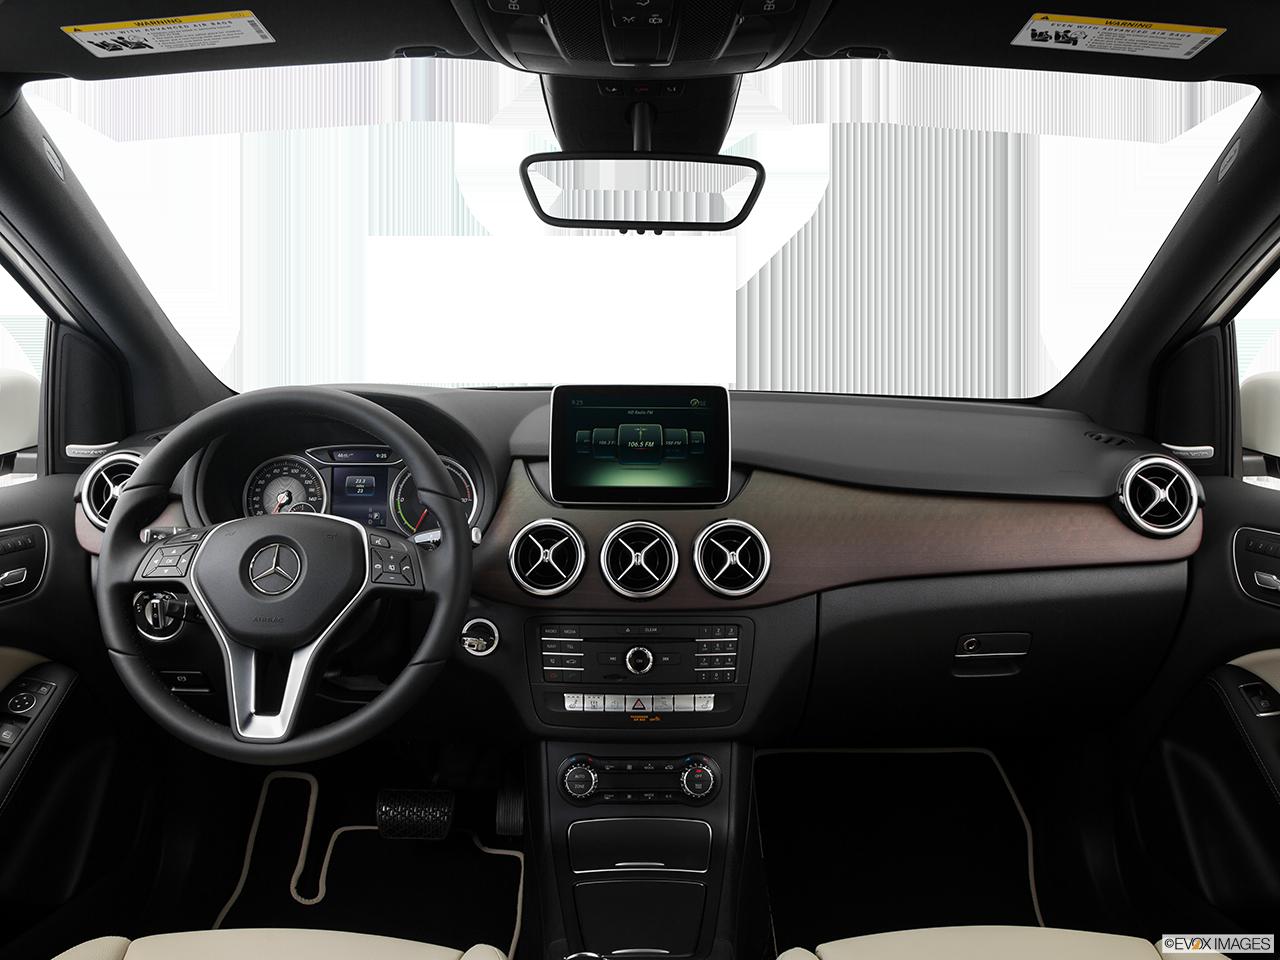 Interior View Of 2016 Mercedes-Benz B250e in El Cajon